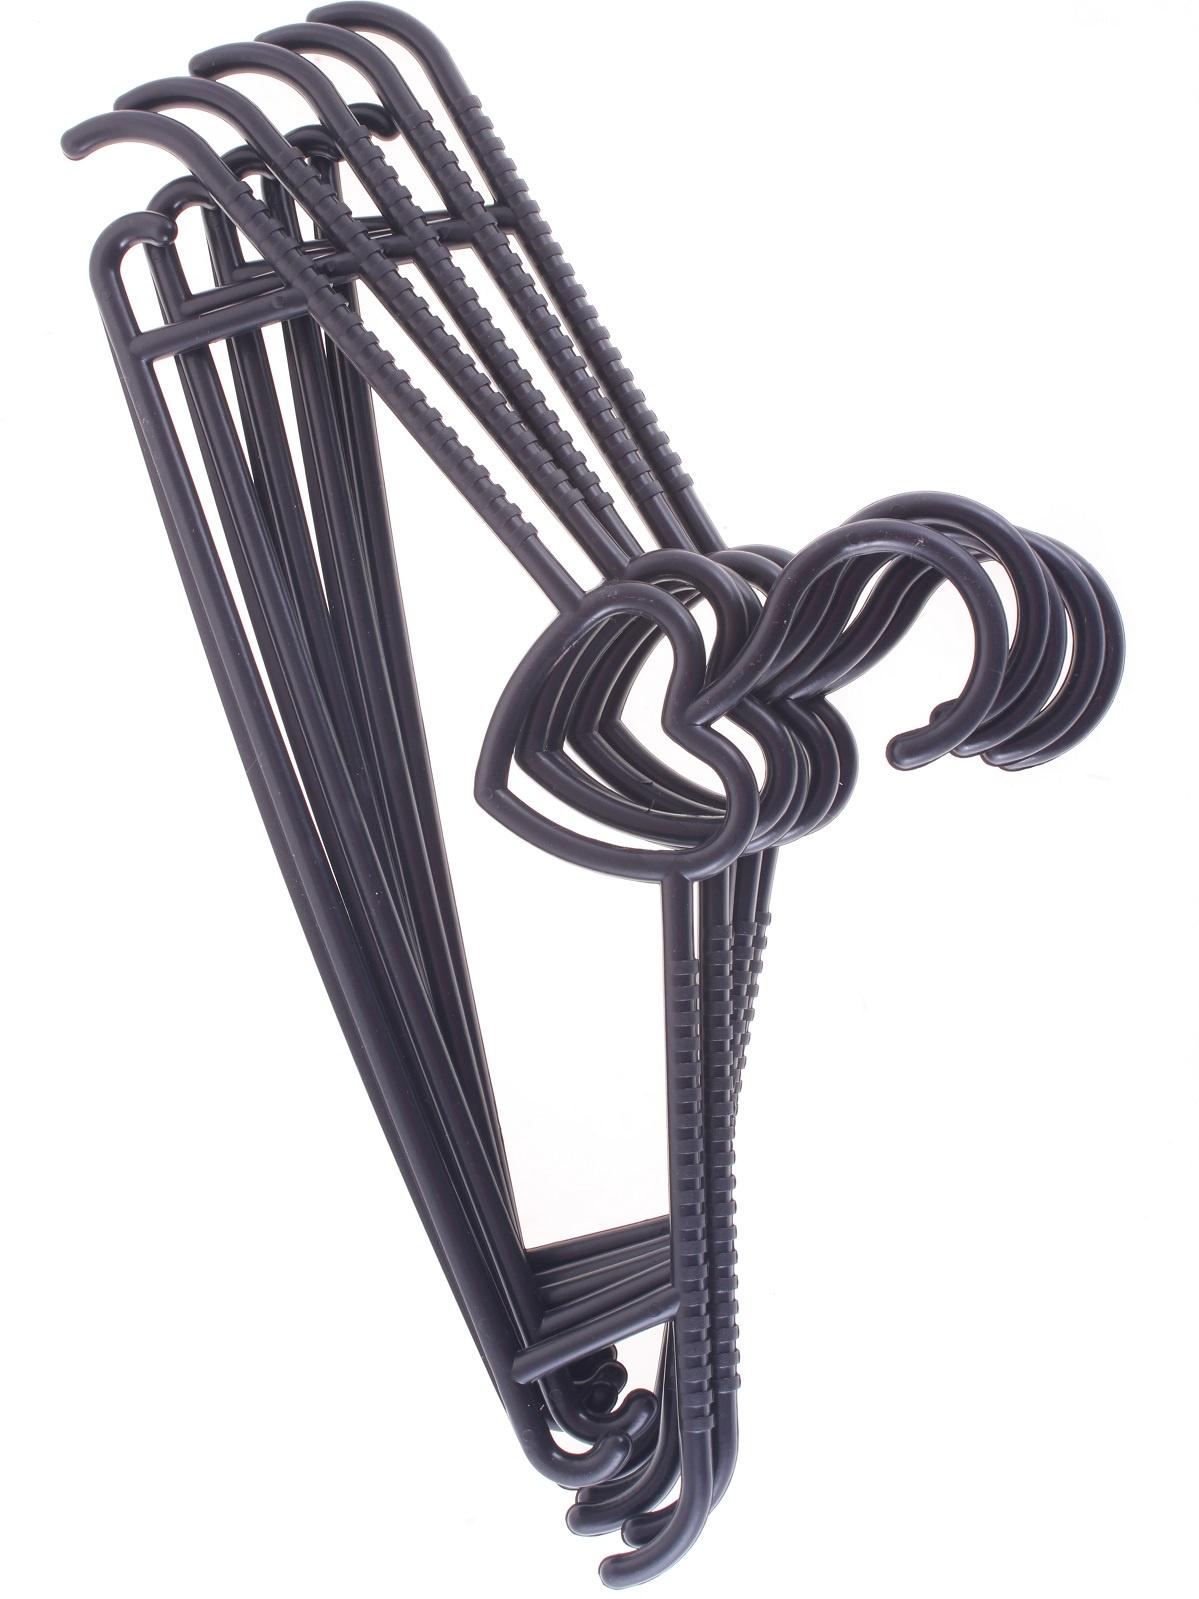 Вешалка Выручалочка Вешалка для одежды, длина 42,5 см., набор 5 штук, 7426845714989 вешалка с бантиком 6 штук mix home